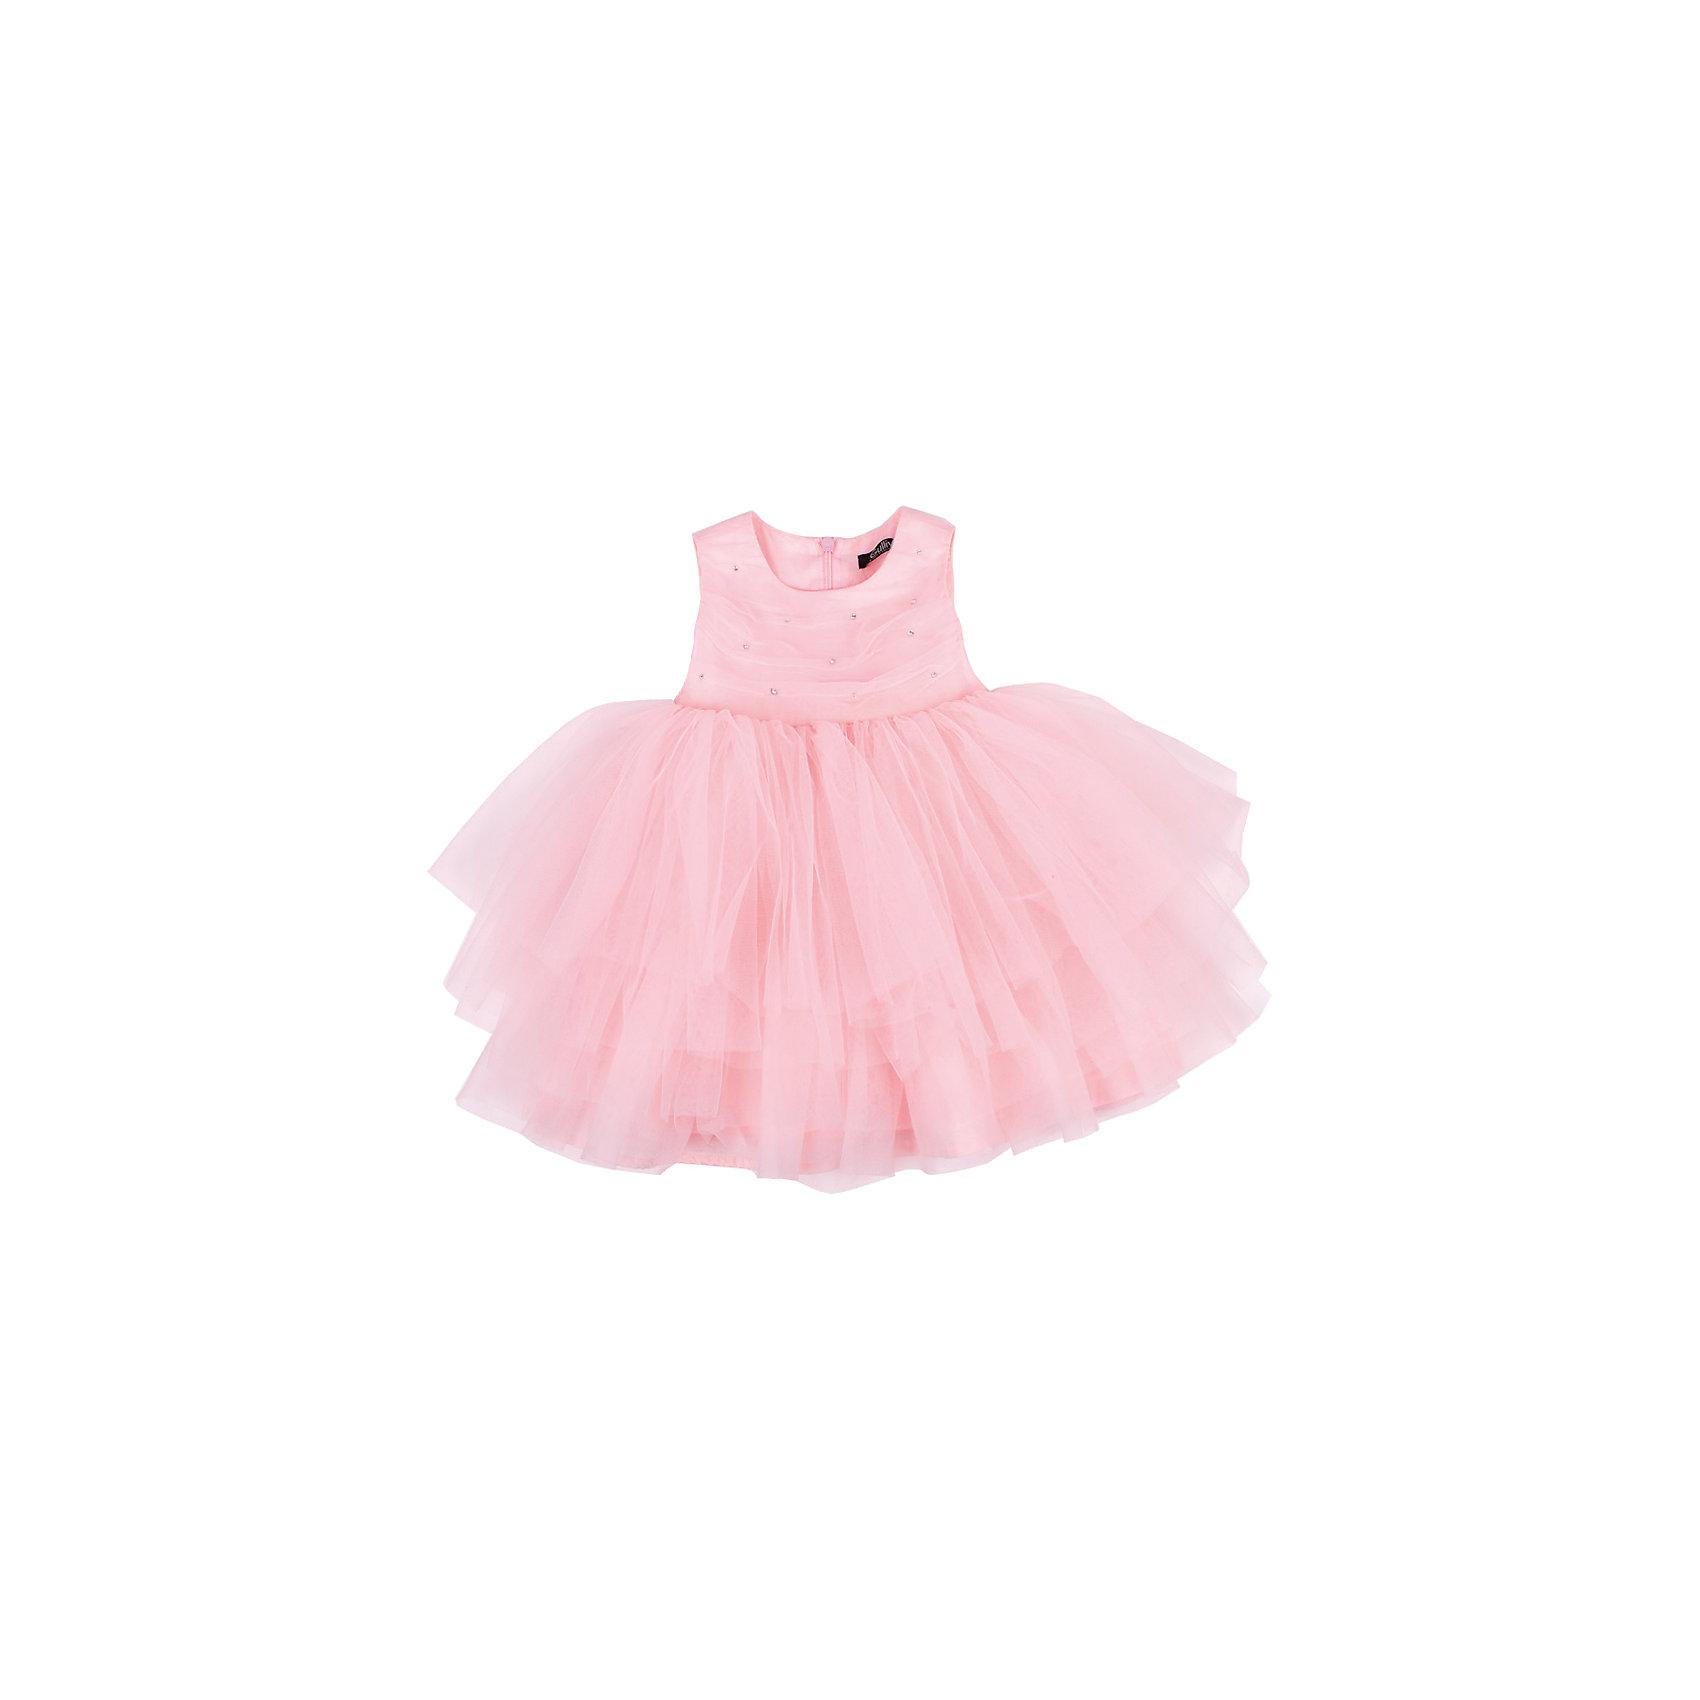 Нарядное платье для девочки GulliverПлатье для девочки от известного бренда Gulliver.<br>Несмотря на то, что основной гардероб юной модницы пока составляют ползунки и боди, красивые платья уже ждут свое законное место в шкафу малышки. Нарядные платья для девочек - символ женственности и кокетства! И даже если юная принцесса еще совсем мала, в красивом платье она чувствует себя неотразимой! Если вы хотите сделать праздник своего ребенка ярким и запоминающимся, вам нужно купить  платье! Сочетание лифа, украшенного стразами и пышной юбки из сетки делает платье изящным, легким и воздушным.<br>Состав:<br>верх: 100% полиэстер; подкладка: 100% хлопок<br><br>Ширина мм: 236<br>Глубина мм: 16<br>Высота мм: 184<br>Вес г: 177<br>Цвет: розовый<br>Возраст от месяцев: 12<br>Возраст до месяцев: 15<br>Пол: Женский<br>Возраст: Детский<br>Размер: 86,80,92<br>SKU: 5104358